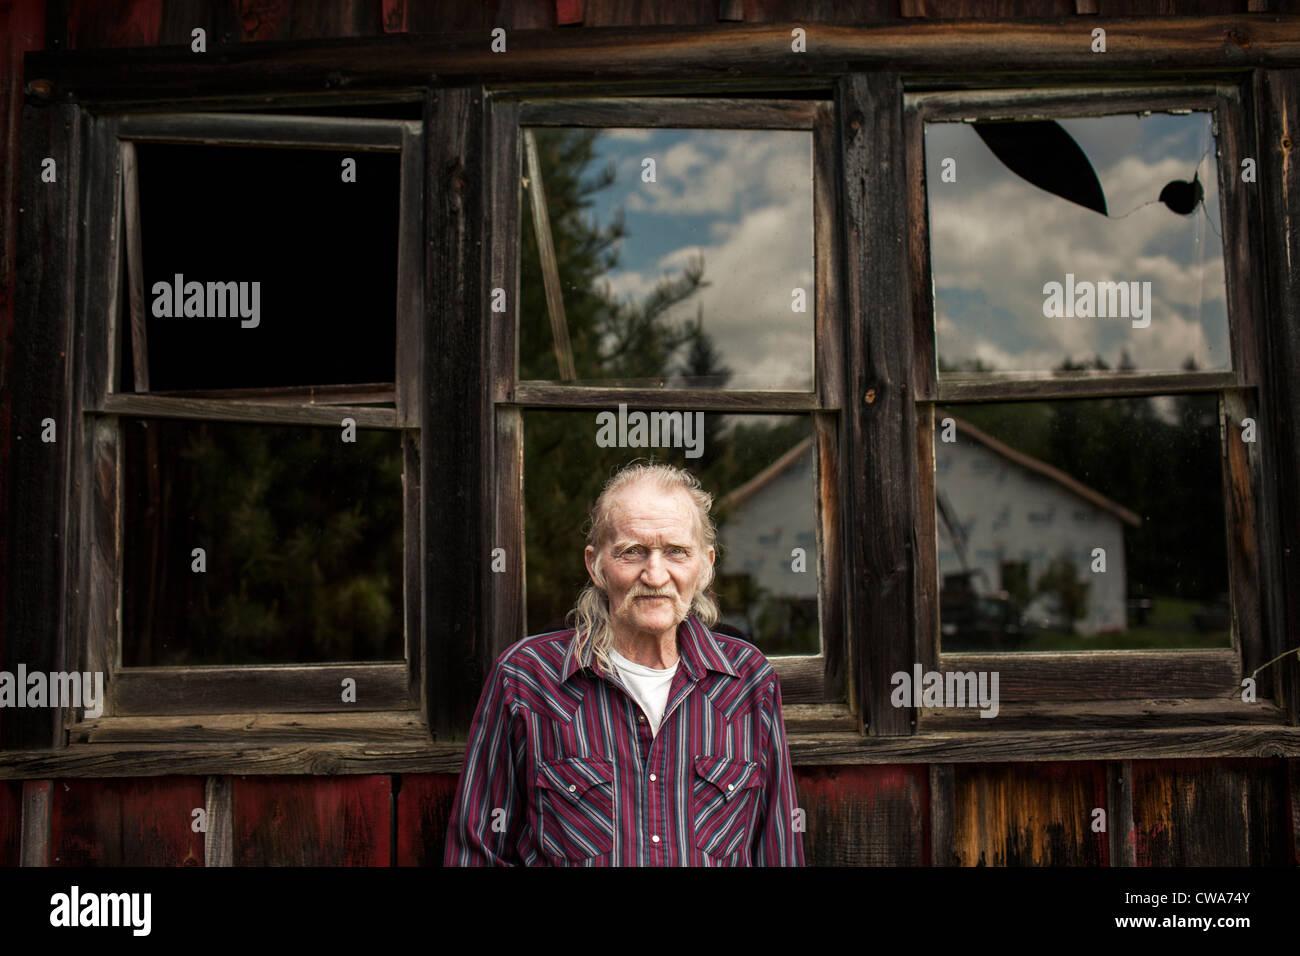 Senior man outside shack, portrait - Stock Image